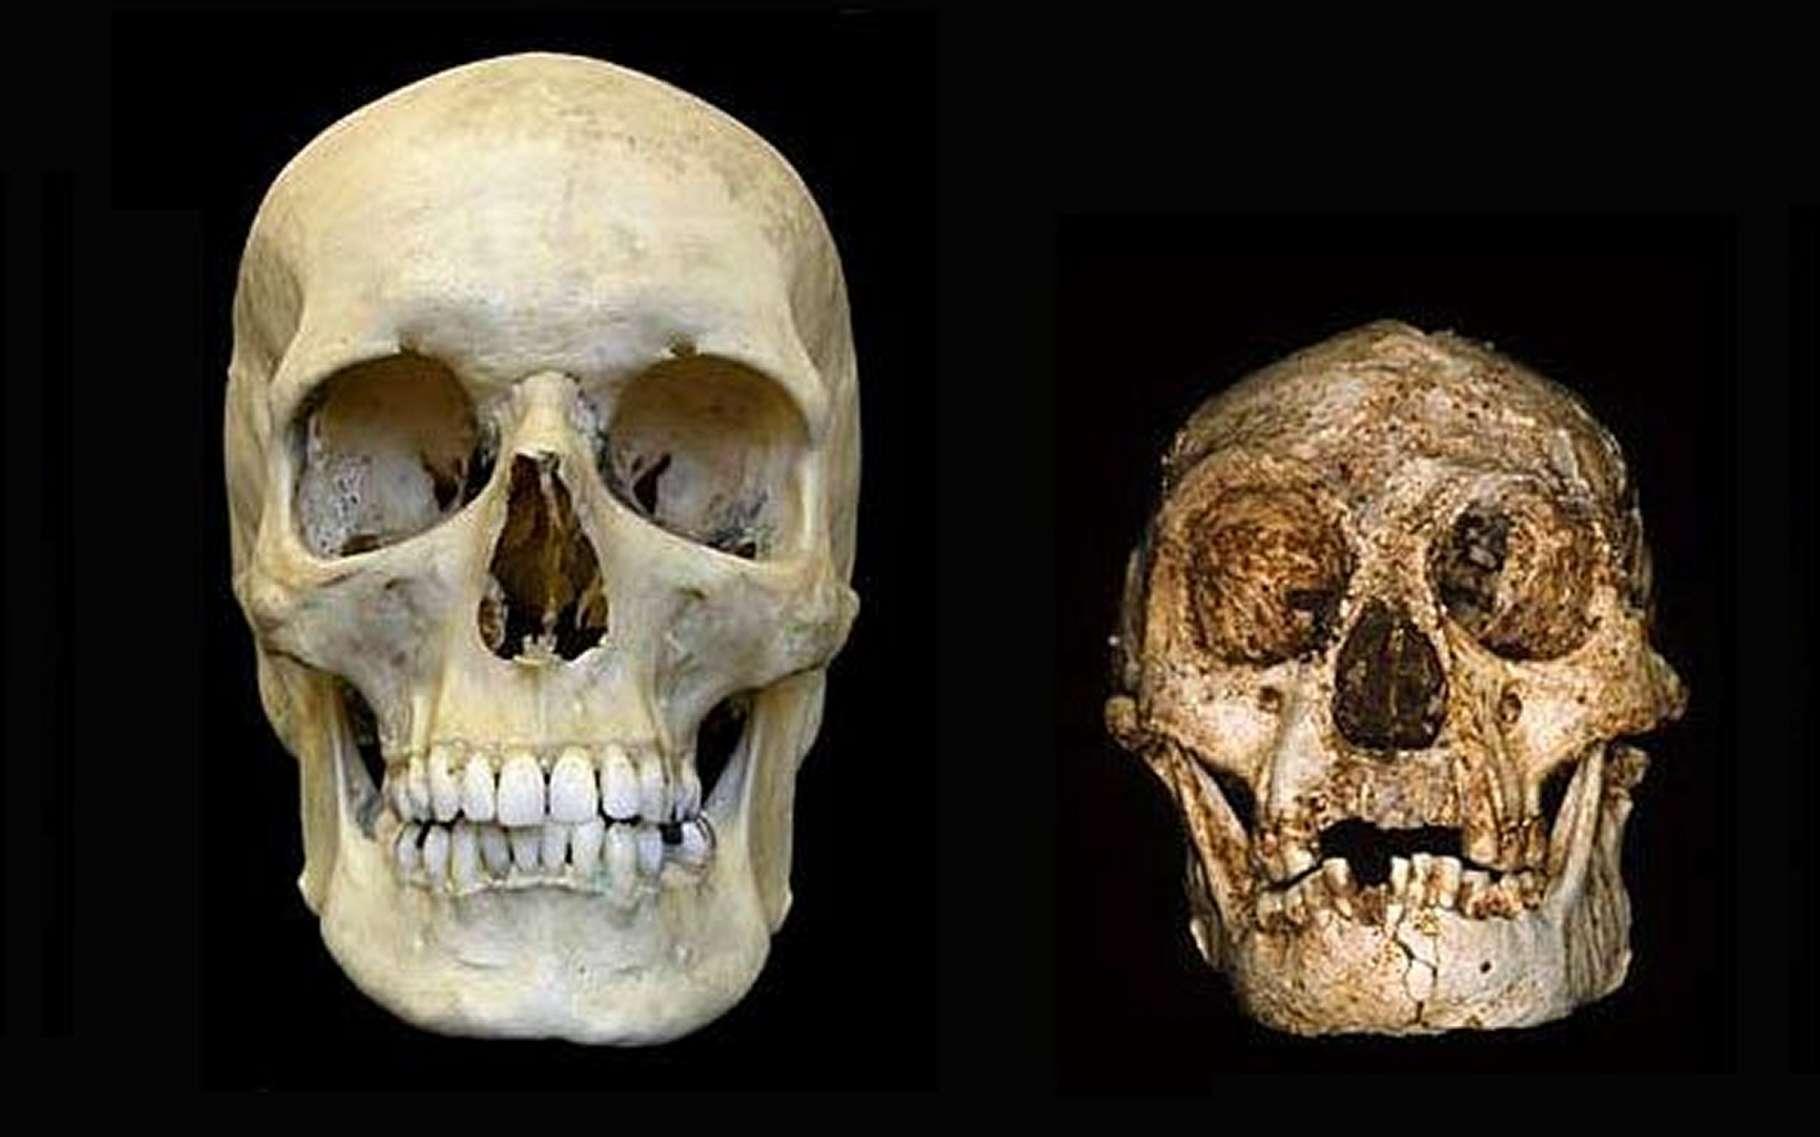 Le crâne d'un Homme moderne (à gauche), comparé à celui de l'Homme de Florès (à droite). La dimension de ce dernier est étonnamment petite. Pourtant, cet être fabriquait des outils et ses ancêtres directs, on vient de le comprendre, vivaient déjà il y a 700.000 ans. © Peter Brown